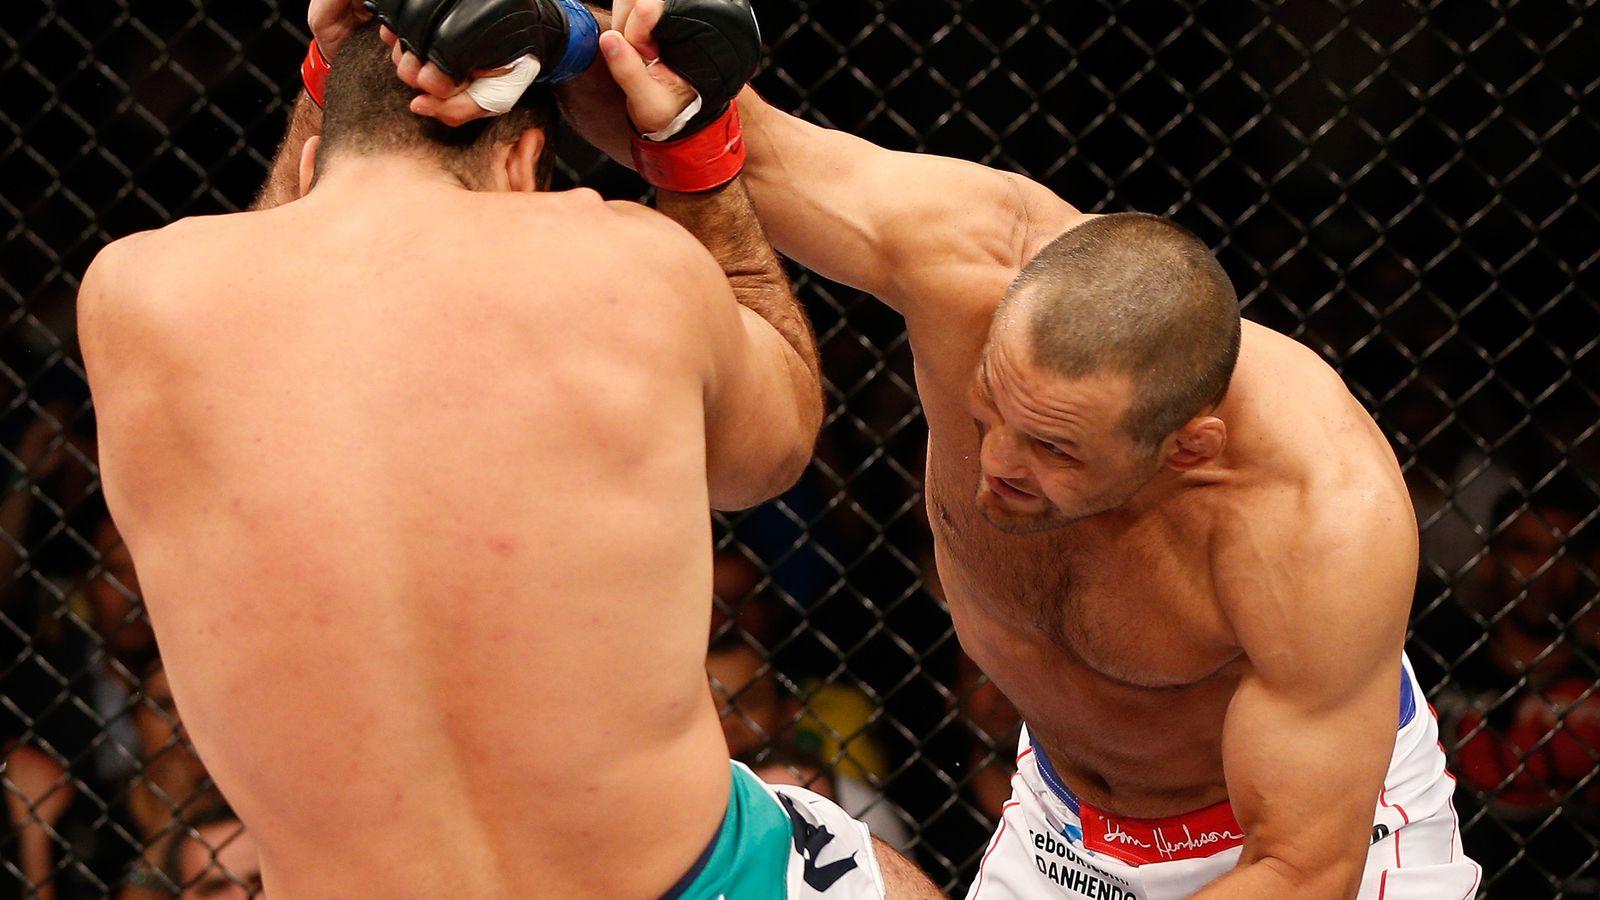 Dan Henderson vs. Shogun Rua full fight video